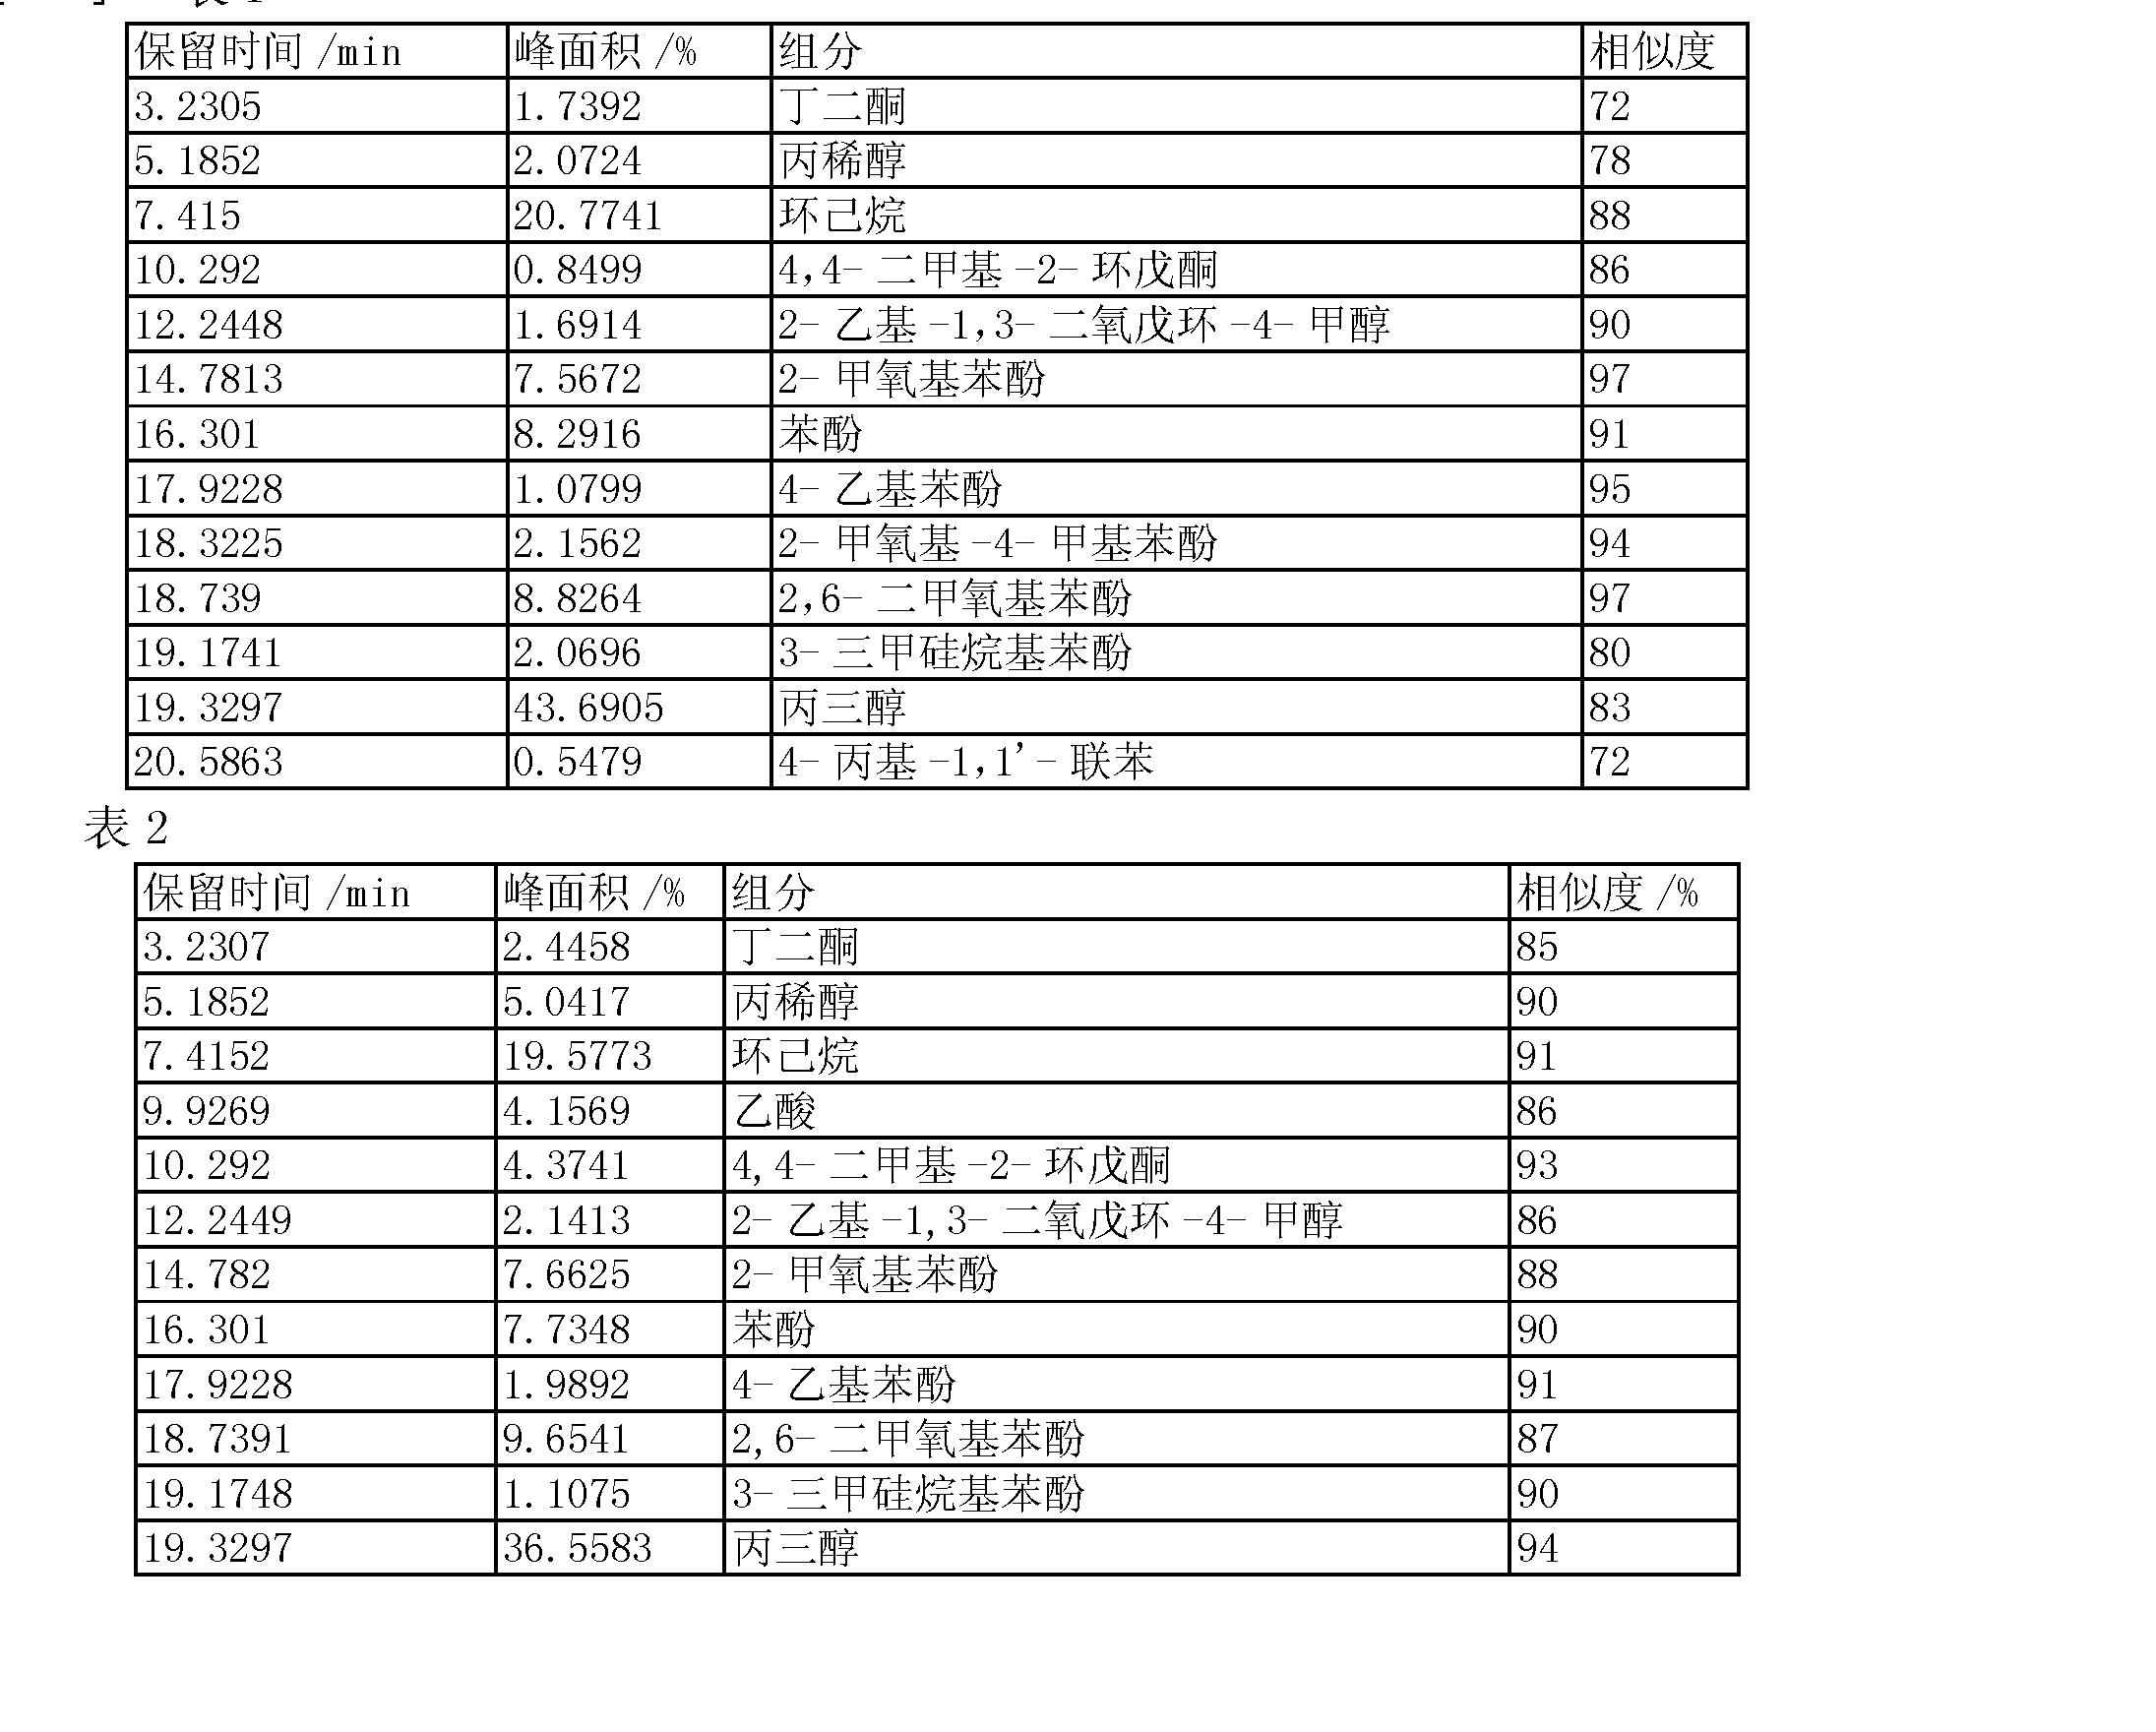 其中A为酚类化学品检测的总峰面积,Atl为内标物环己烷检测的峰面积,M1为产物中酚类化学品总质量,Mtl为内标物质量。 [0014] 与现有的传统木质素液化方法相比,本发明具有以下优点: (1)本发明用固体酸类催化剂的热化学转化方法具有明显的成本优势。尤其是硅铝酸价格低廉,可多次回收再利用,回收工序简单、方便。木质素转化方法成本主要取决于溶剂和催化剂的成本,本发明中所用的溶剂丙三醇和催化剂硅铝酸均可以回用于再生产,而且分离工序所用二氧六环/水的混合液,也可用蒸发的方法回收,这样就大大降低了生产成本; (